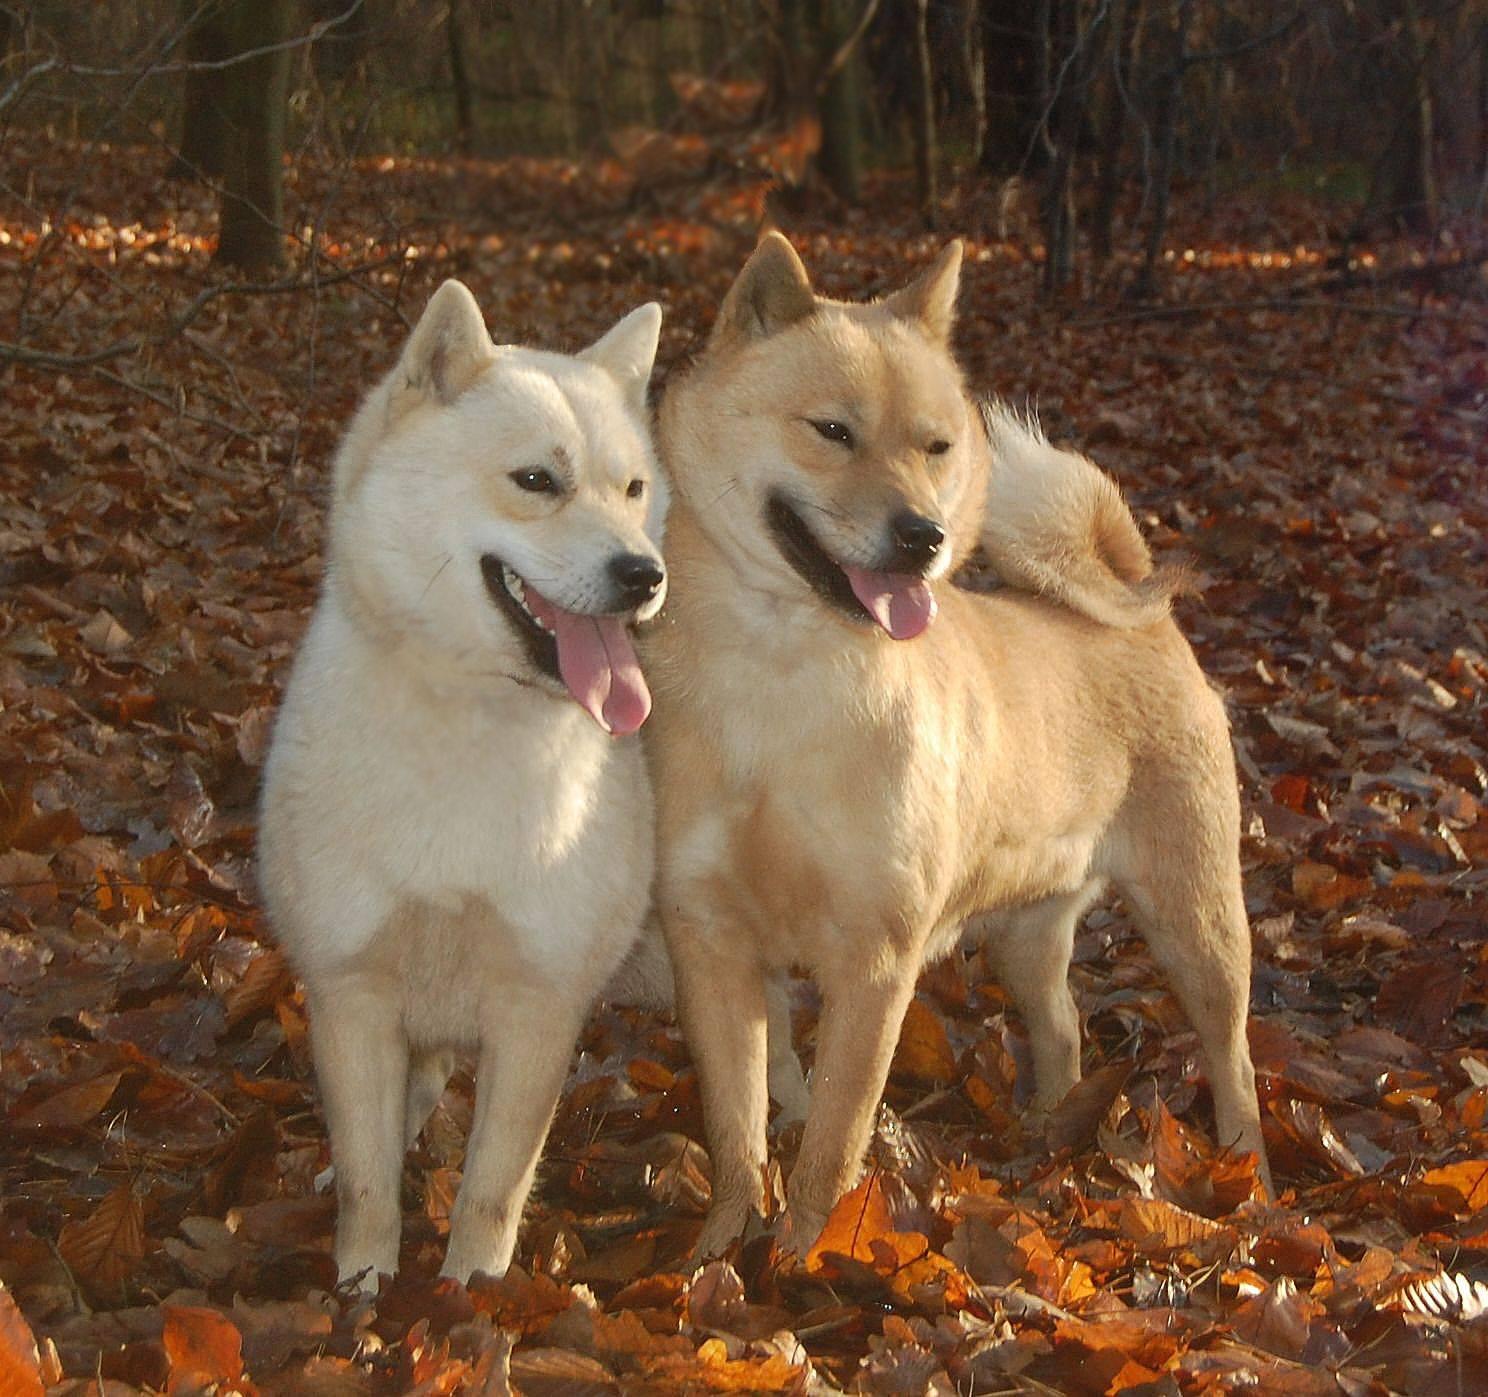 Хоккайдо (японская порода собак) | miuki mikado • виртуальная япония